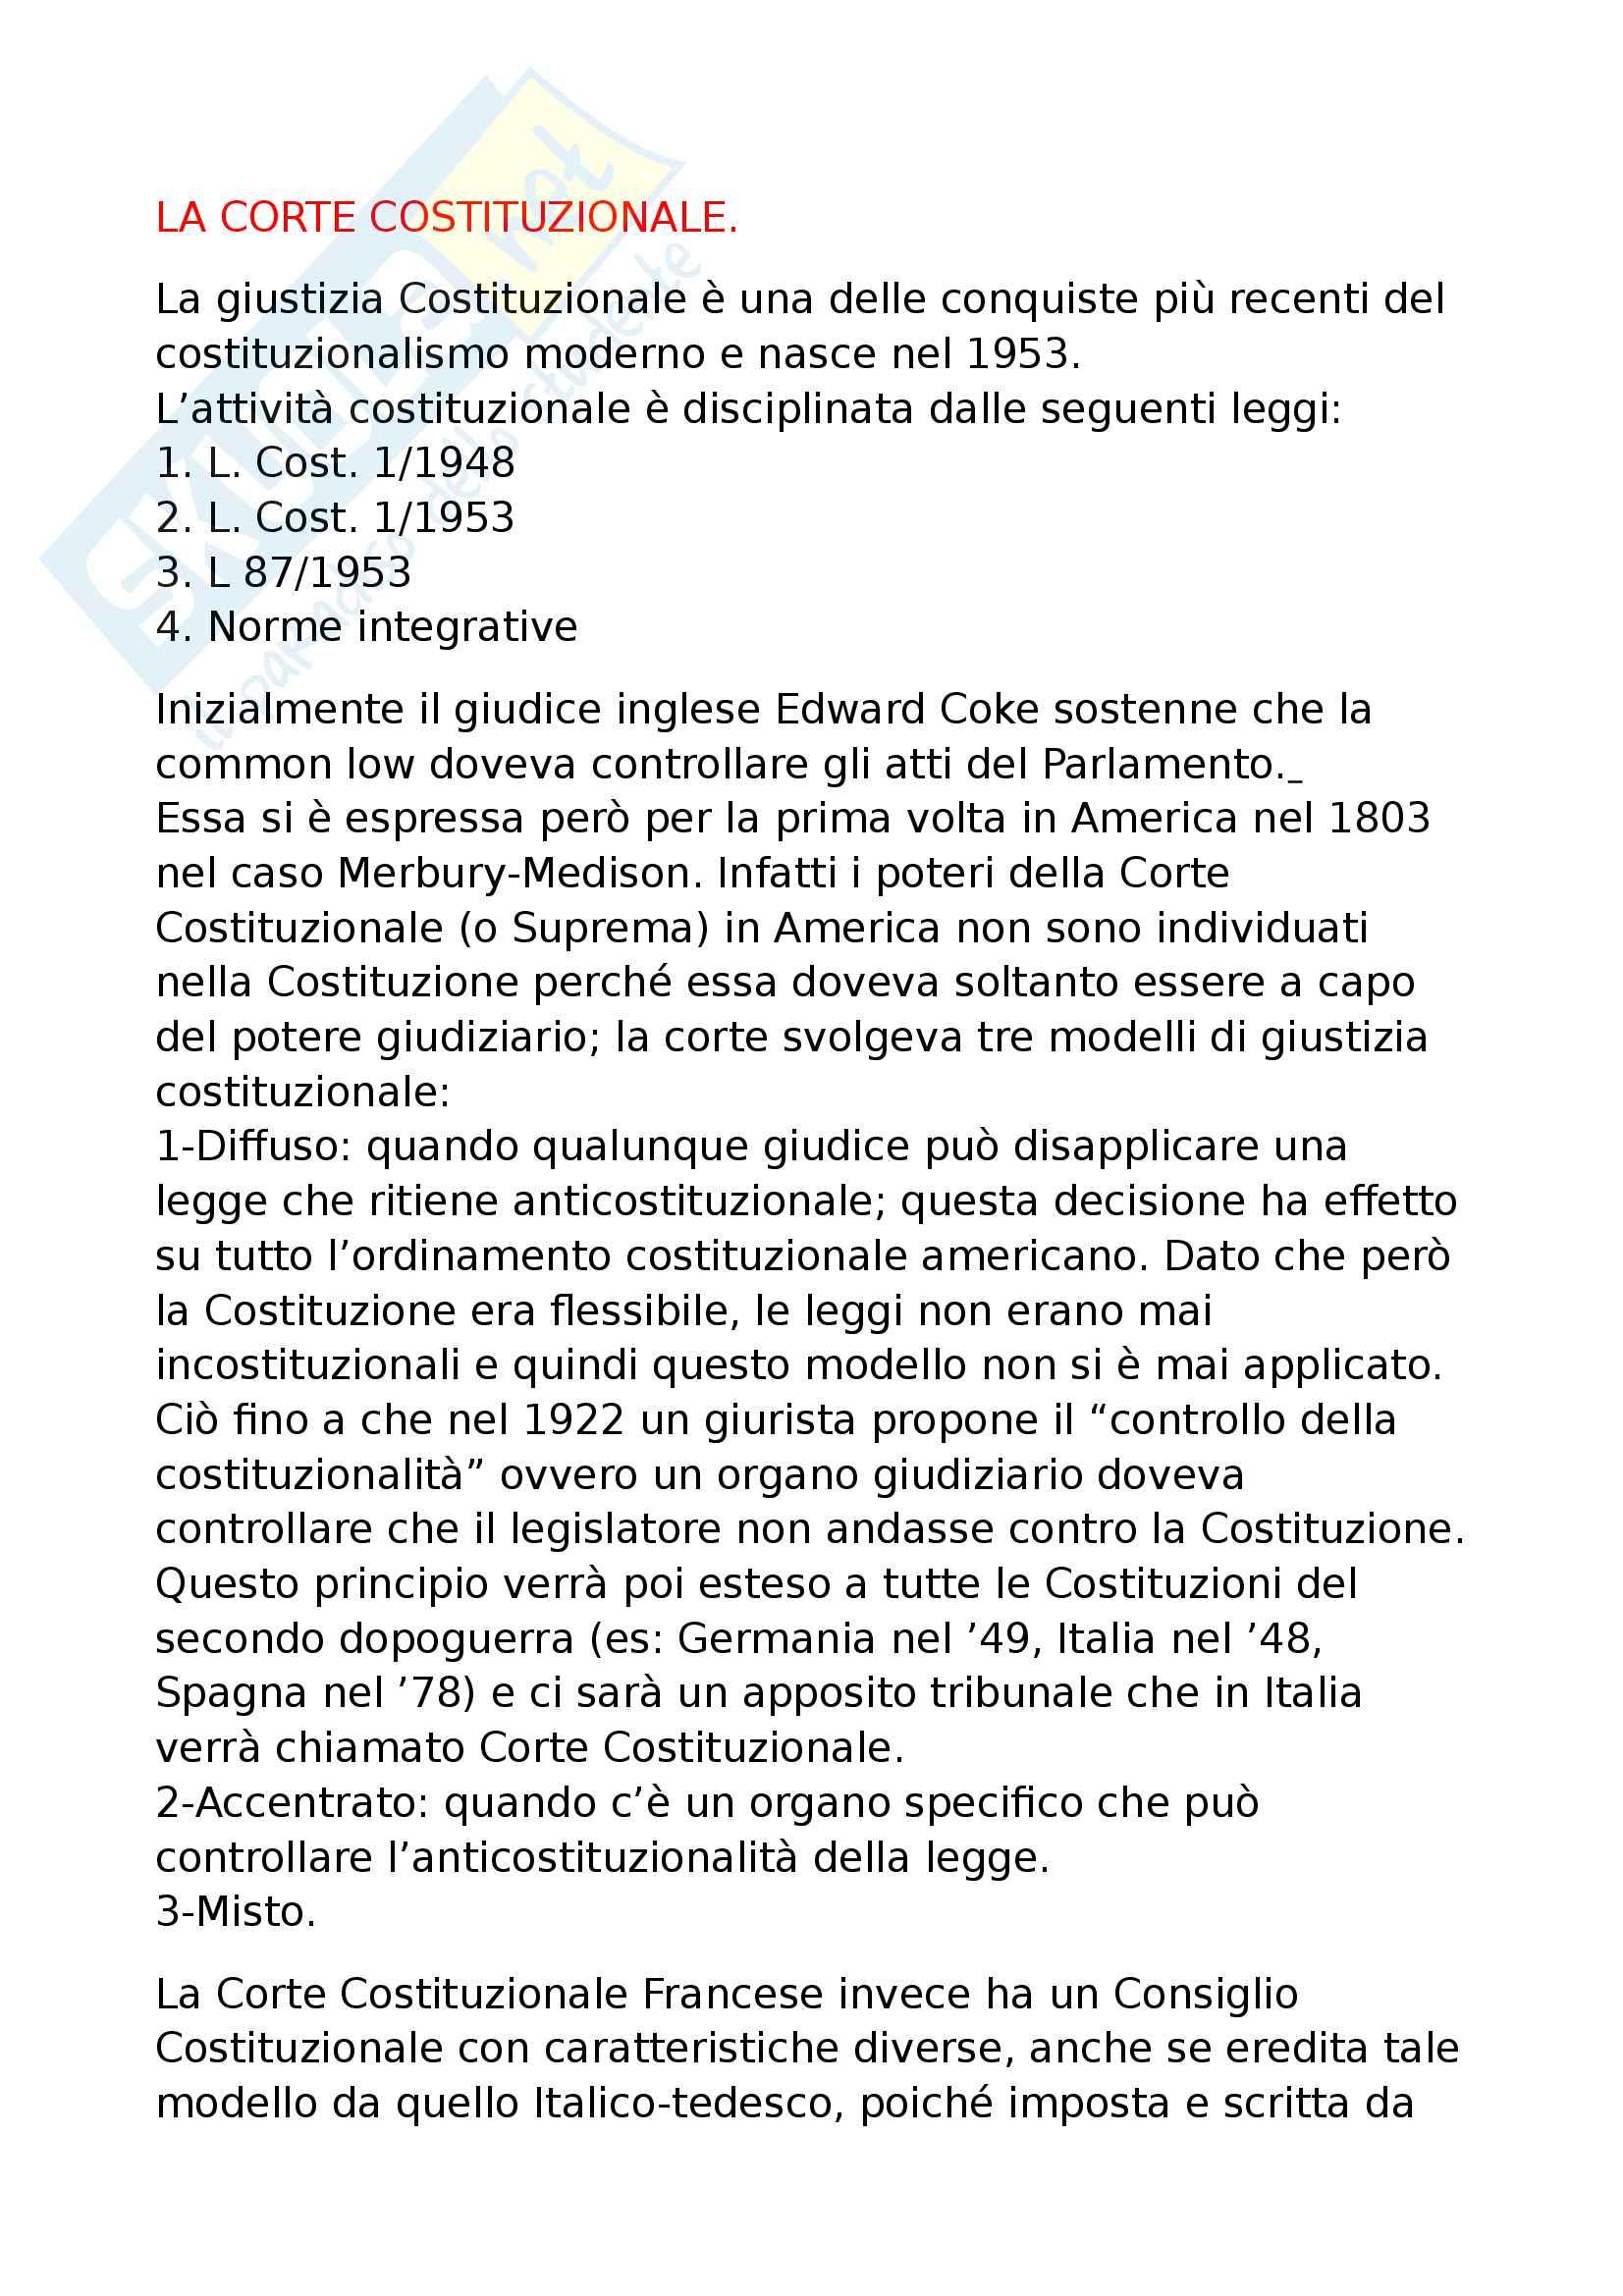 10 - Corte costituzionale, composizione, funzioni legittimità costituzionale, processo sentenze e competenze Stato-Regioni